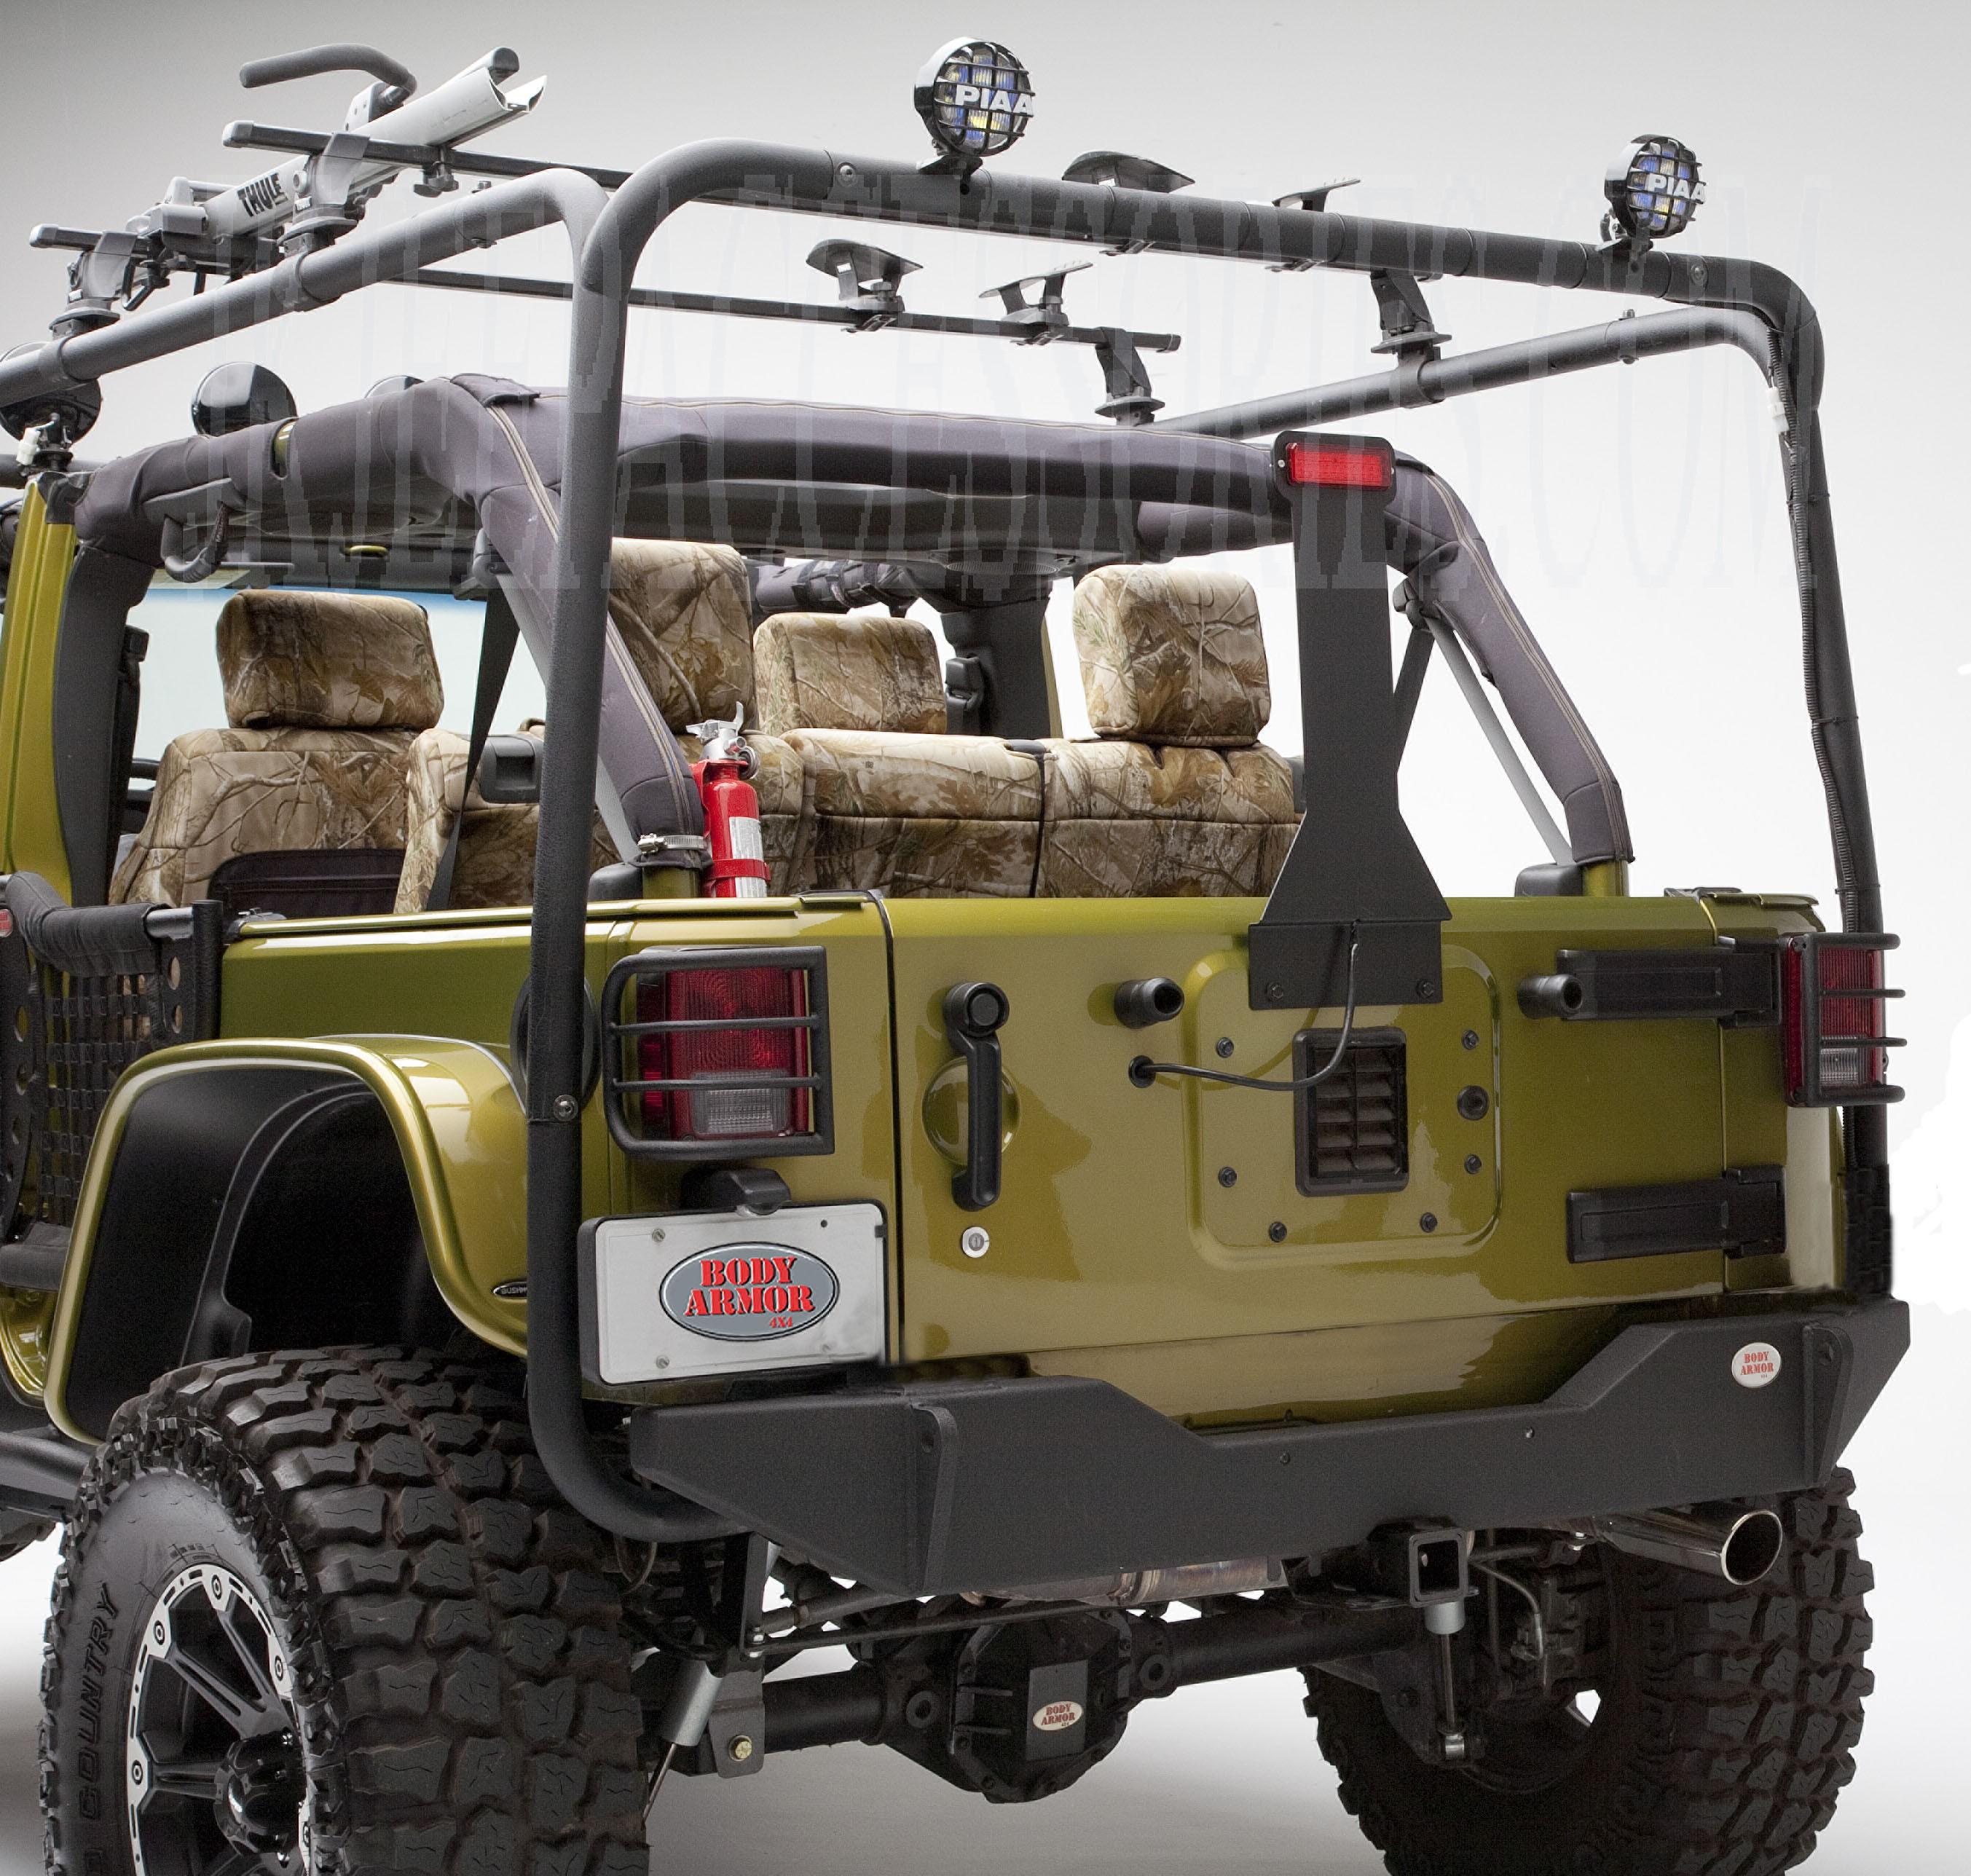 Body Armor Rear Base Bumper Based On JK-2394 Style